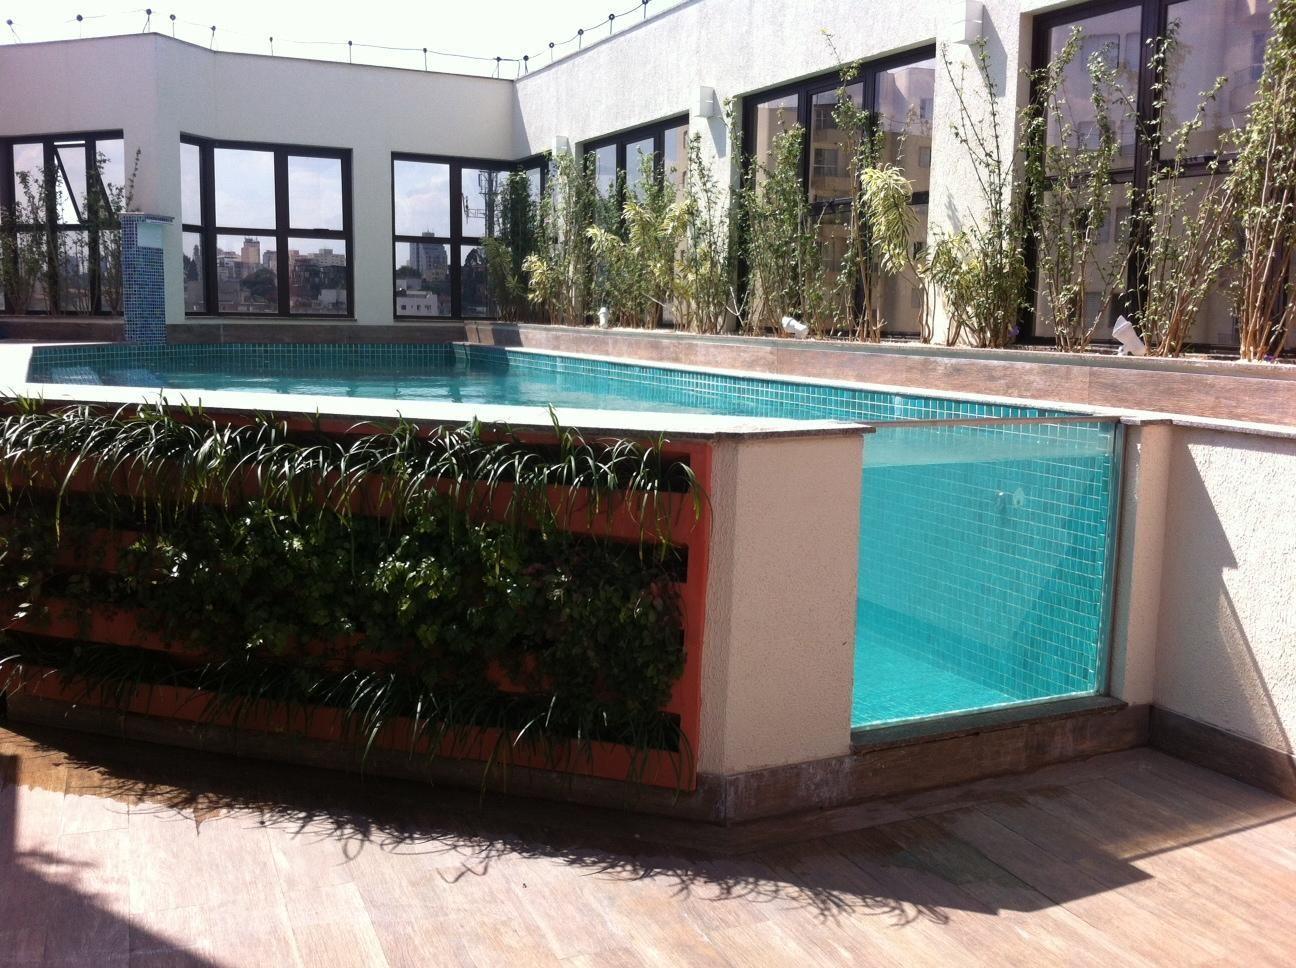 Piscinas pequenas dicas de decora o para dar um show - Tipos de piscinas para casas ...